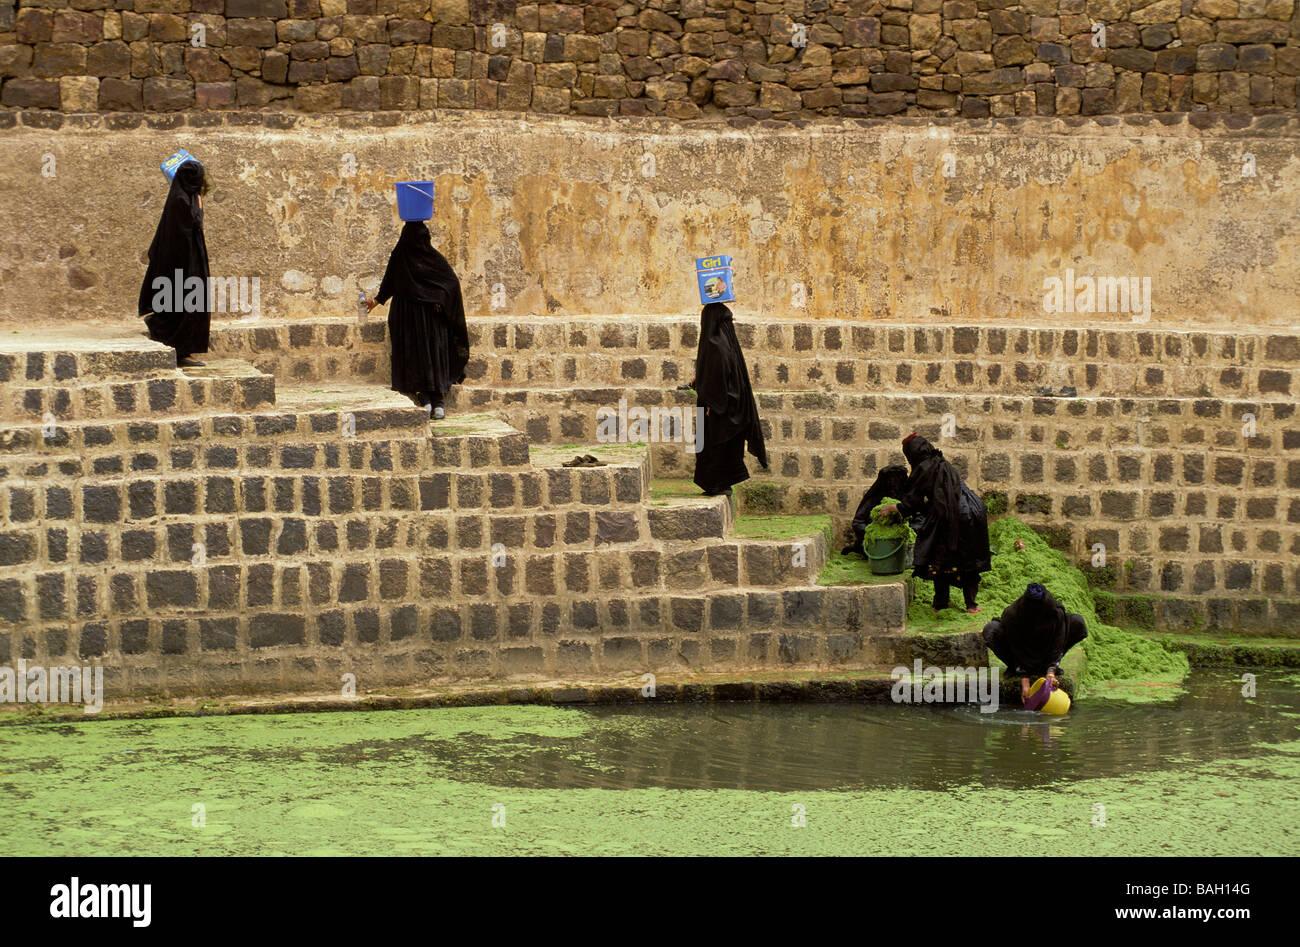 Yemen, North Yemen, Shahara, water tank, women looking for water - Stock Image